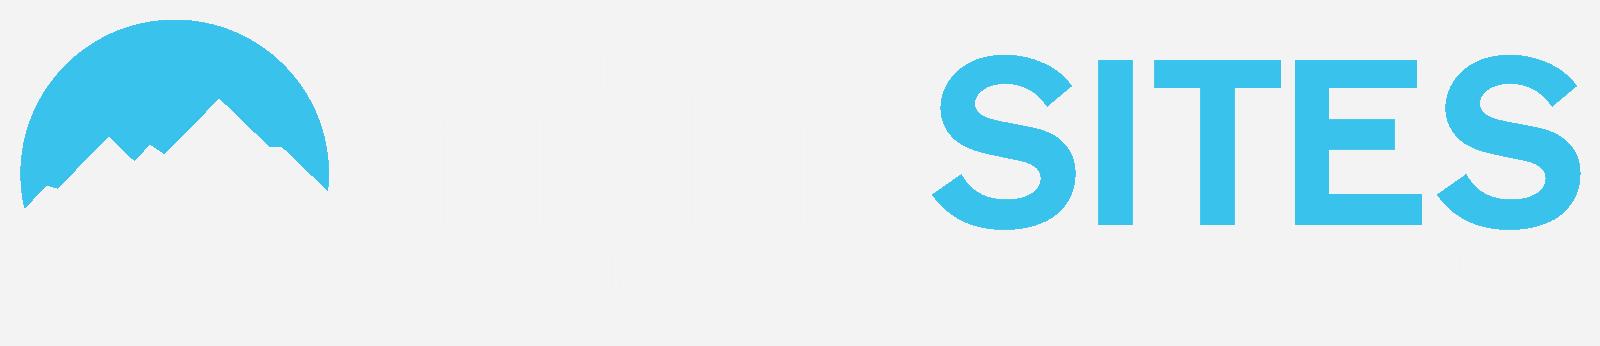 mtn-sites-logo-light